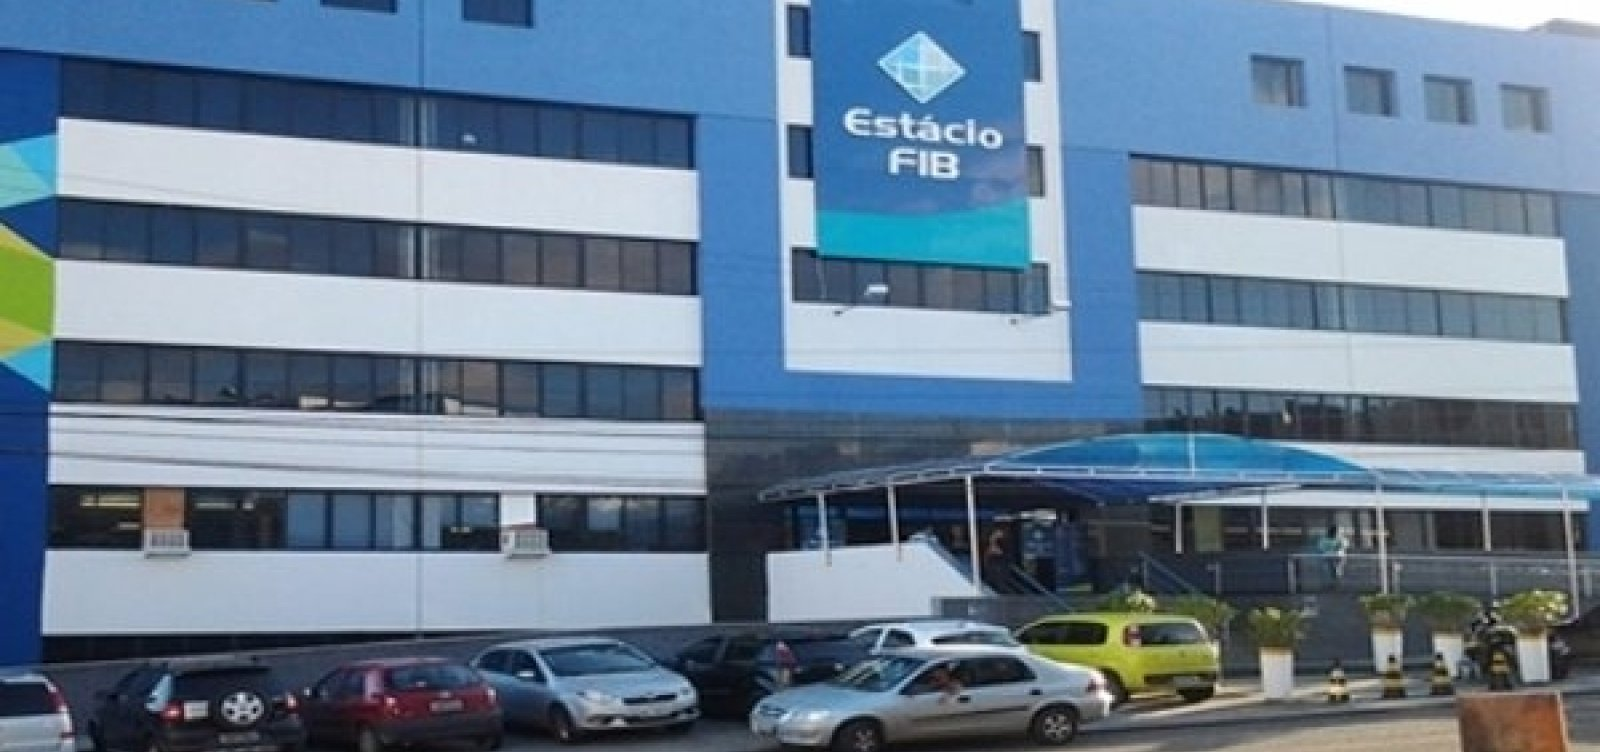 [Alunos reclamam de demissões de professores na Estácio em Salvador; faculdade diz que é 'natural']